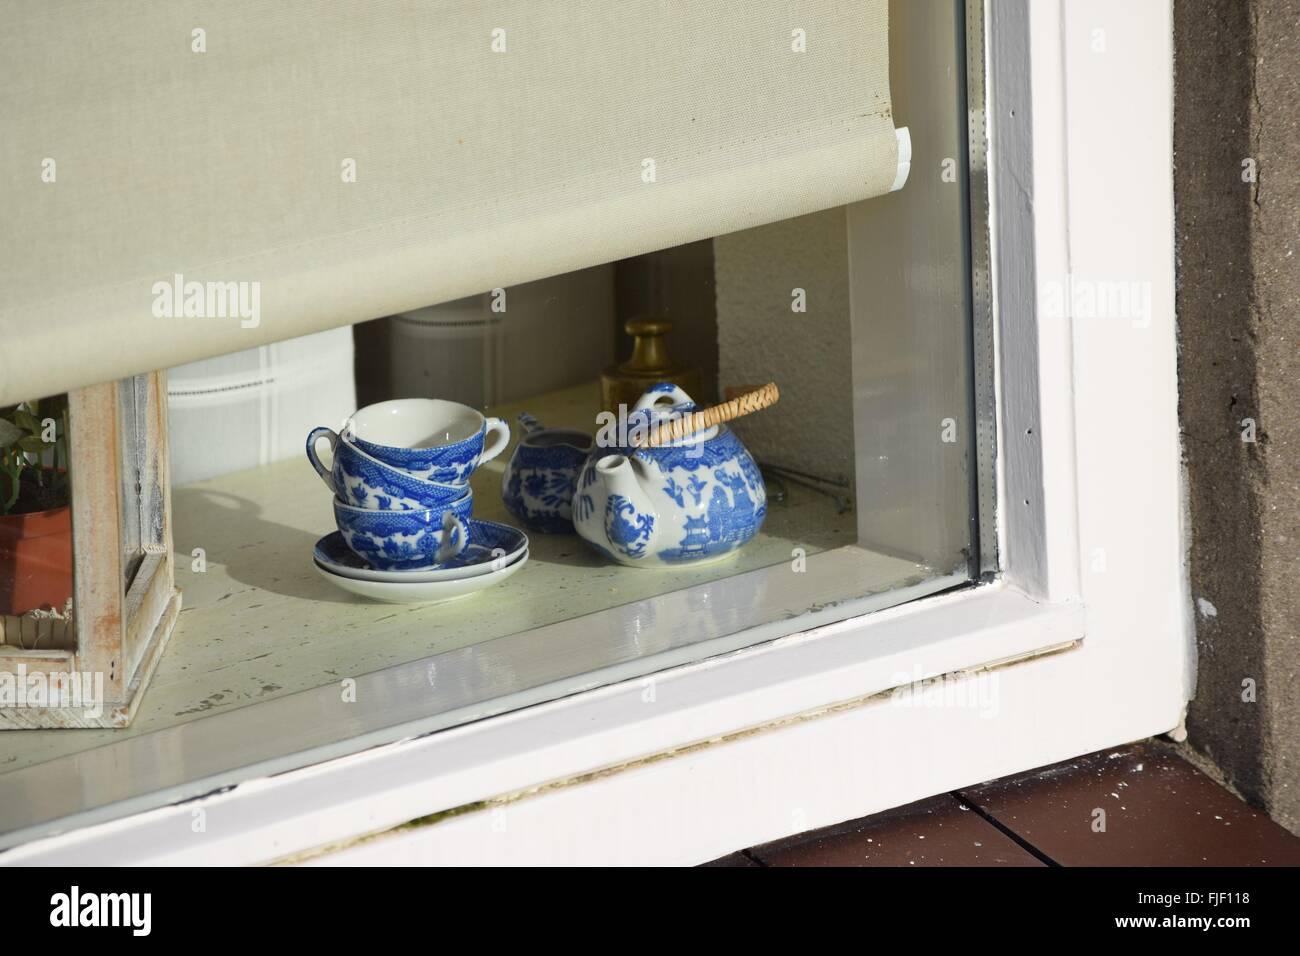 Delft pottery - Delft Blue. - Stock Image